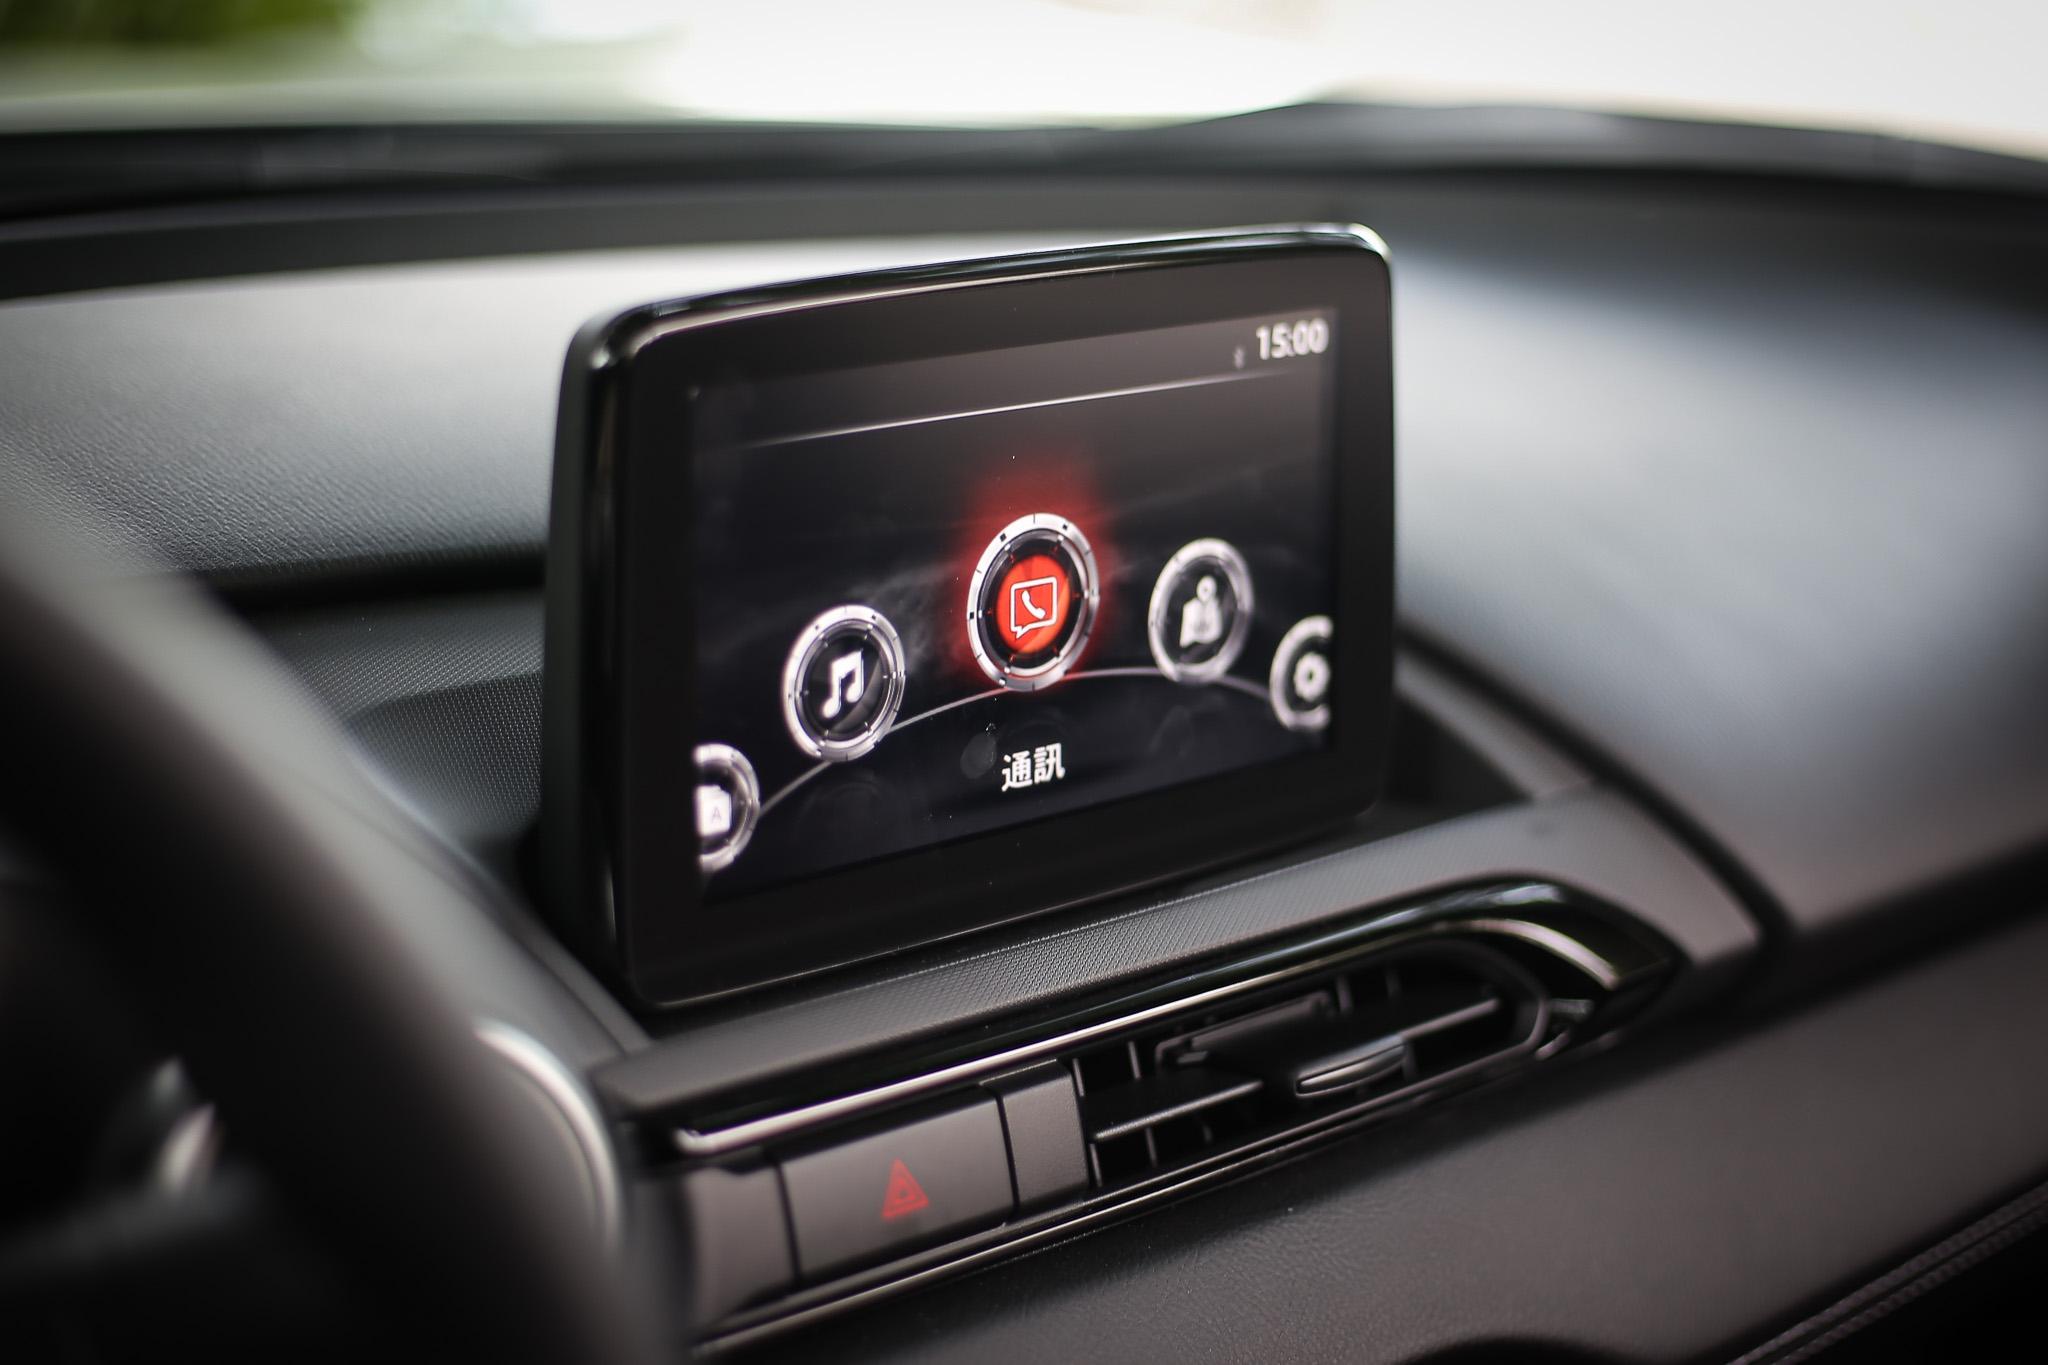 中控台採用 7 吋中央資訊顯示幕,包含 Apple CarPlay 與 Android Auto 智慧手機連結功能都具備。